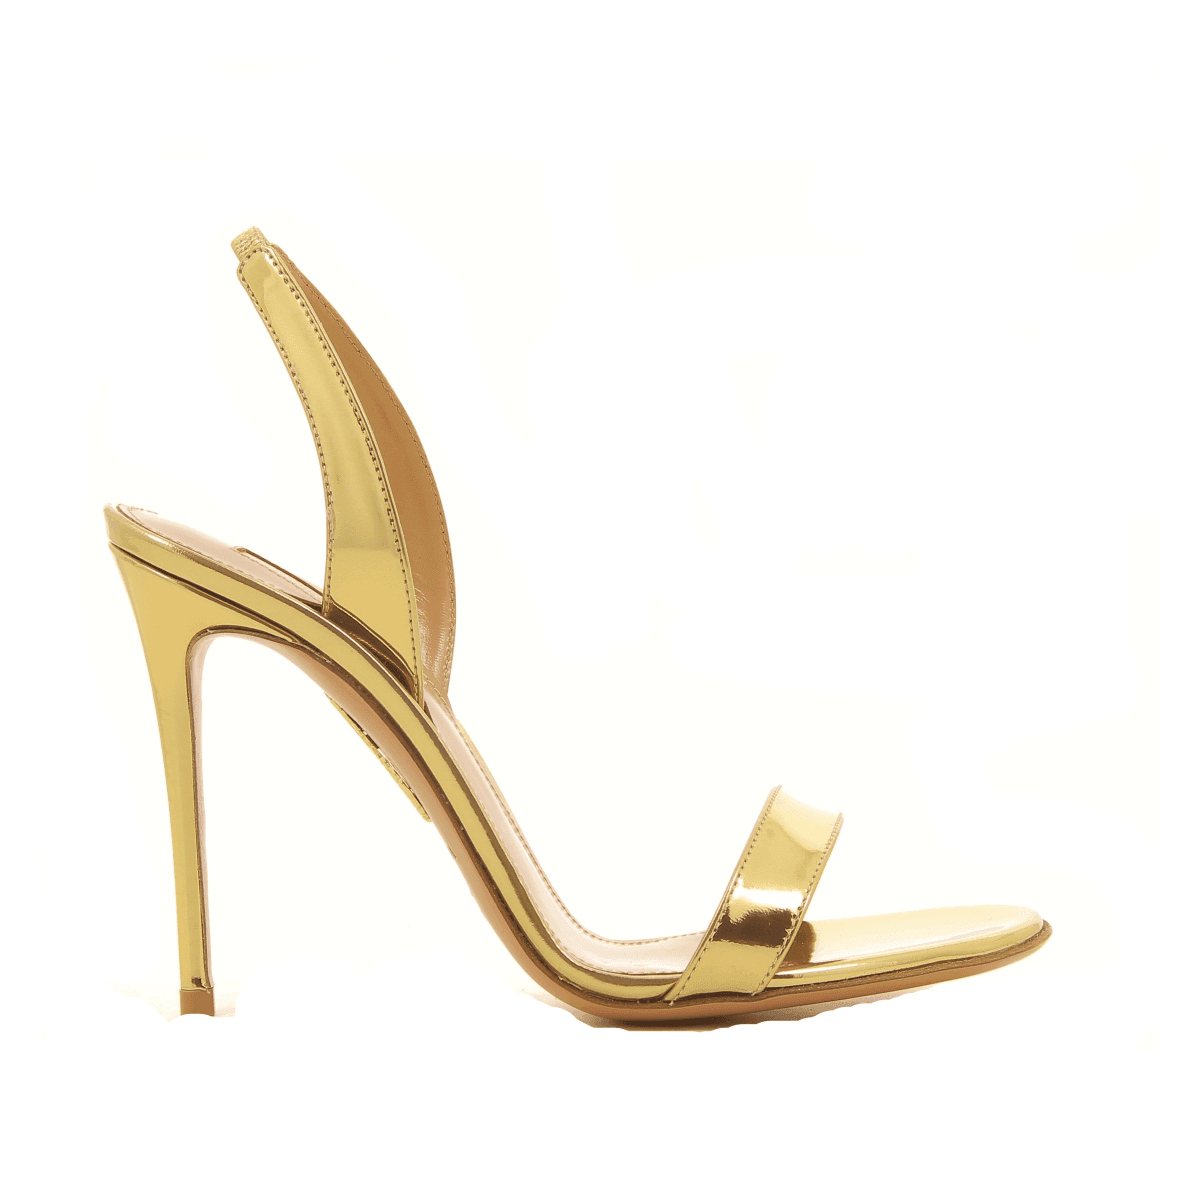 Sandales à talons aiguille en cuir verni doré  Aquazzura - SO NUDE SANDAL105D